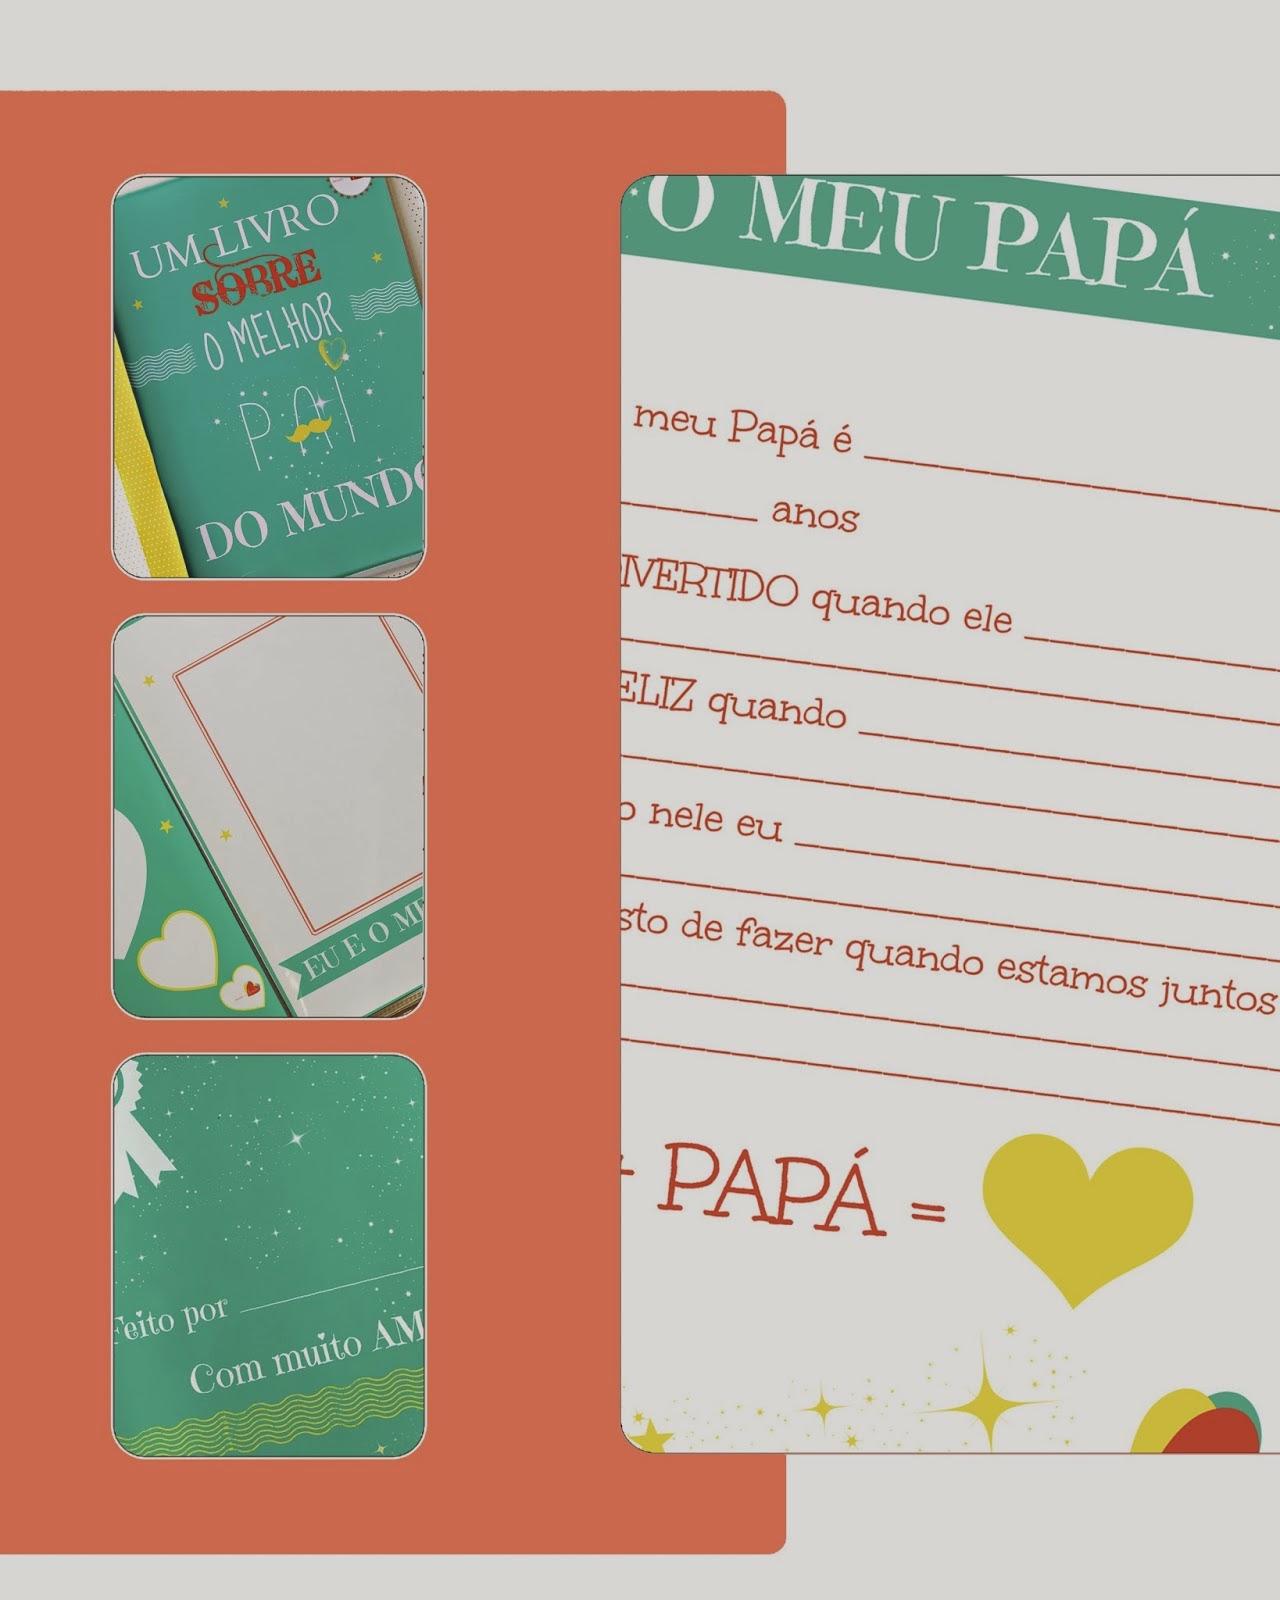 http://www.somosfamilia.pt/2014/03/ideias-criativas-para-o-dia-do-pai-2.html